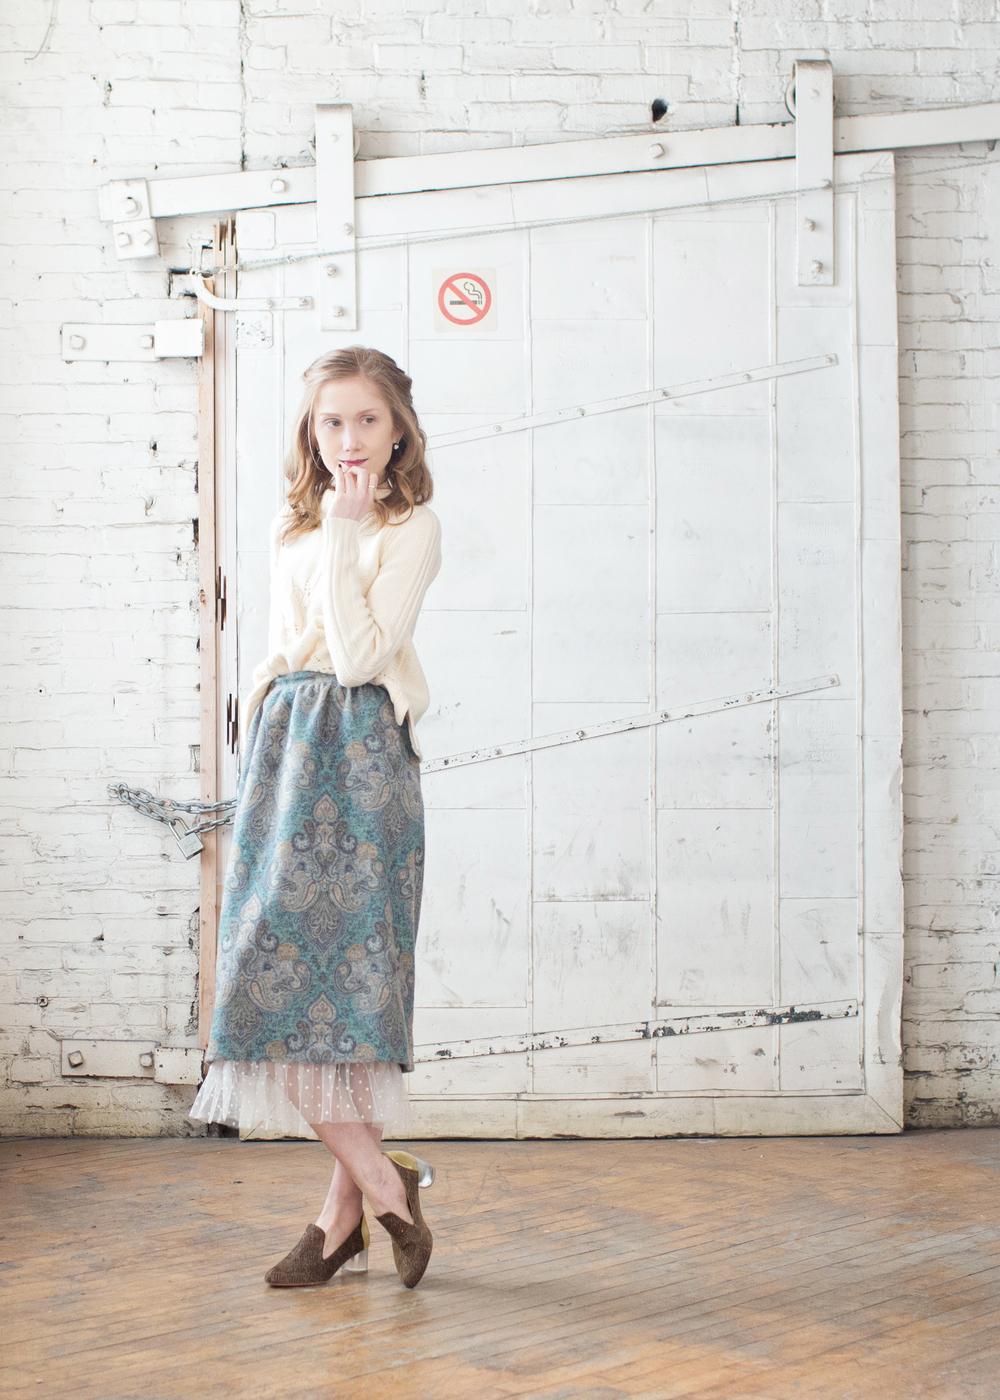 Defining Her Own | Maddie Flanigan